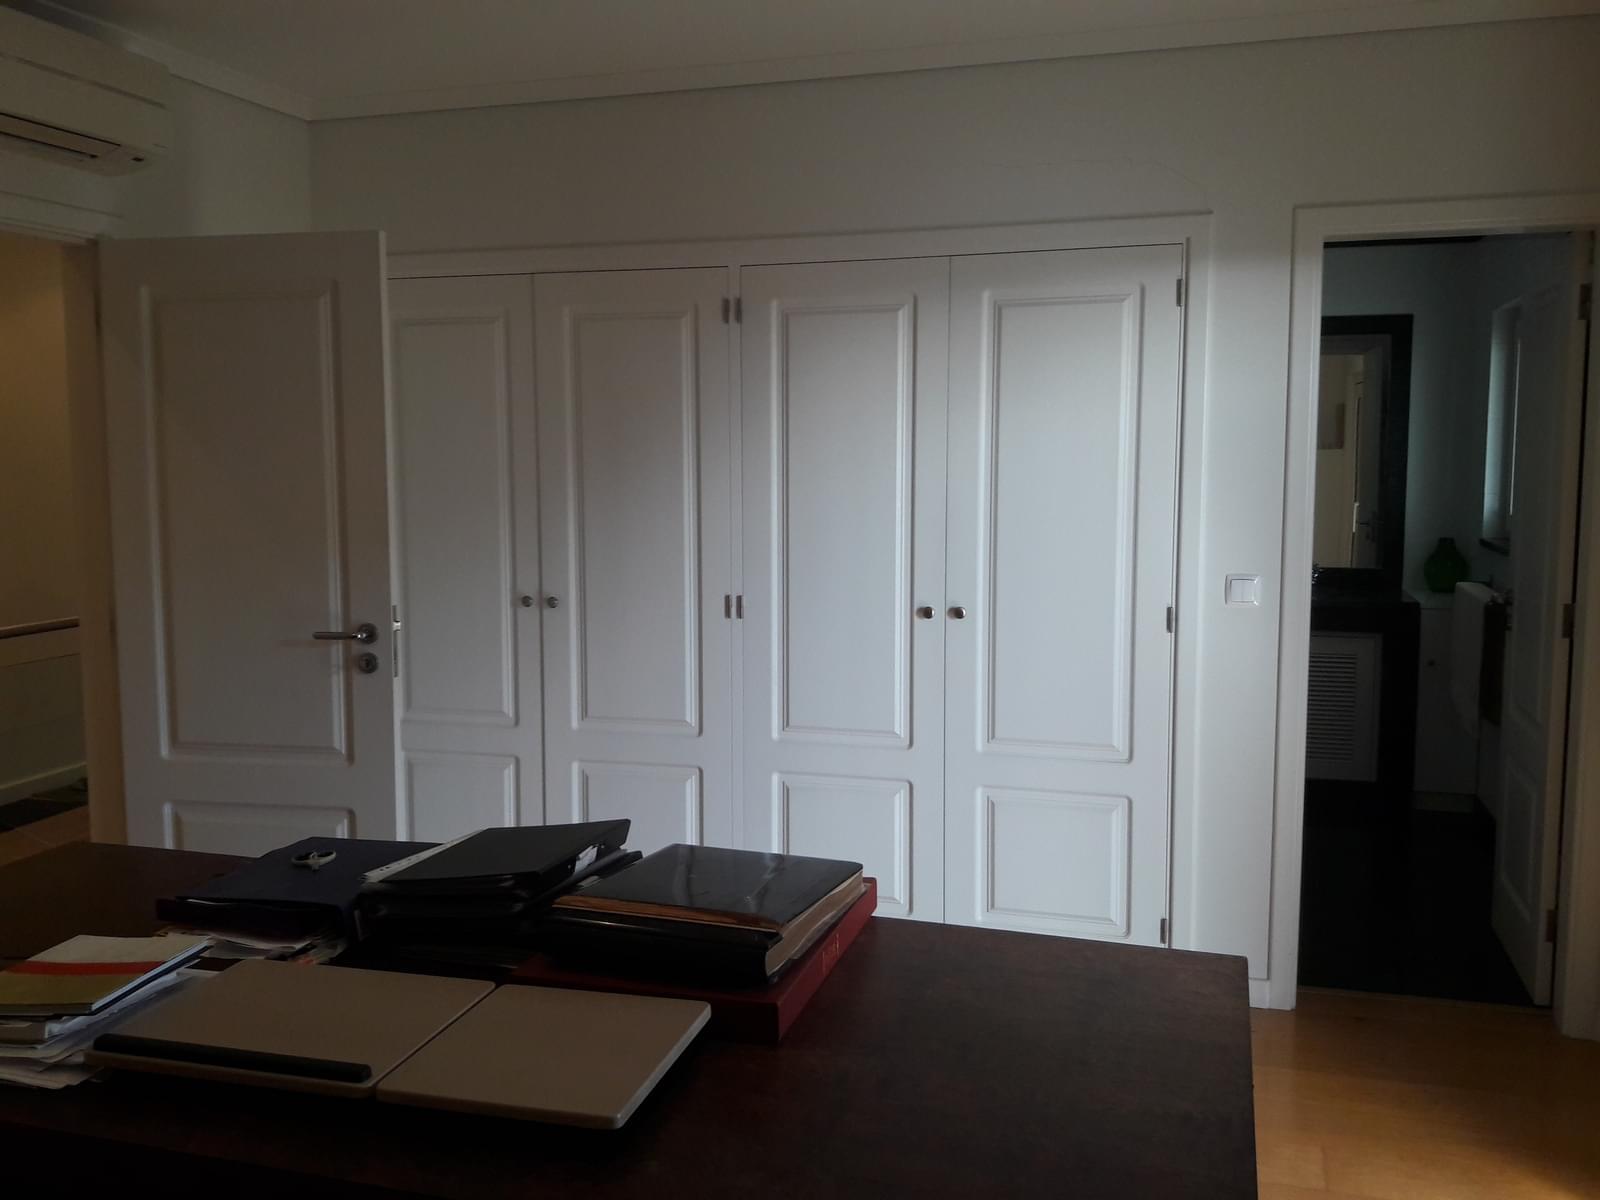 pf1888-apartamento-t4-cascais-240989c0-d16c-4d6d-8751-0a89fbc9c604